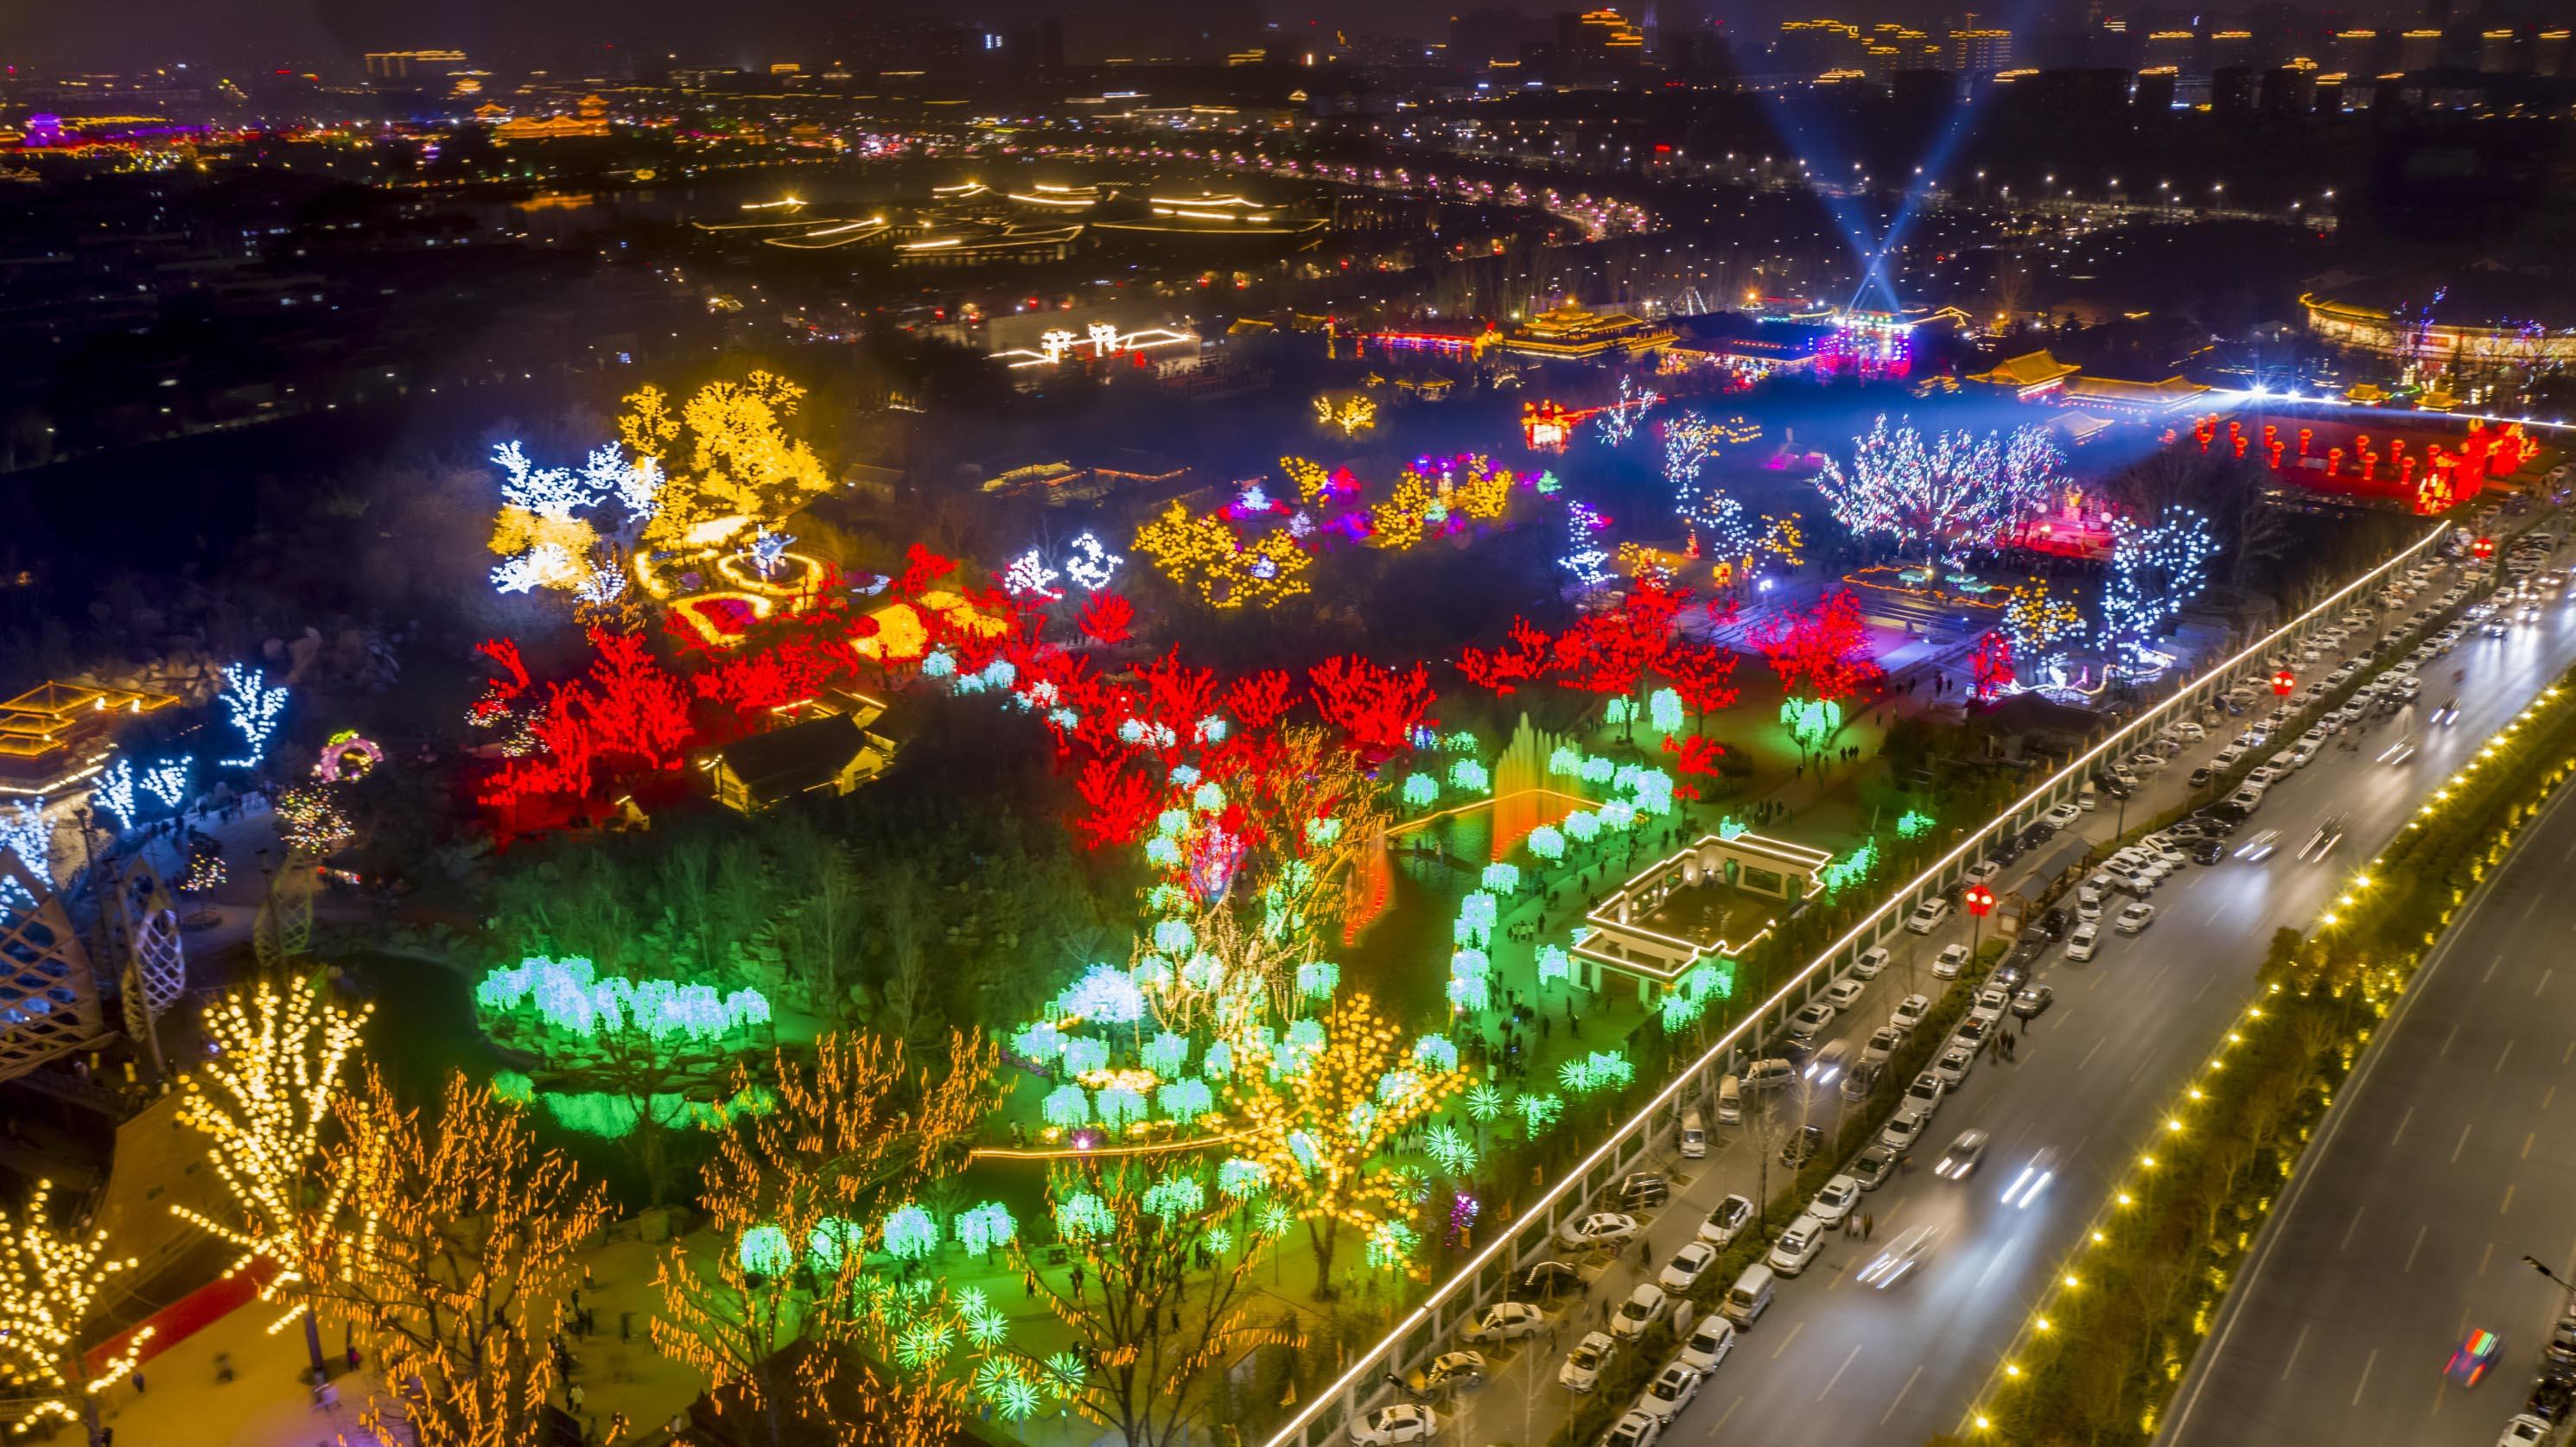 開封美麗的夜景流光溢彩(香港文匯網記者 馮雷 攝)